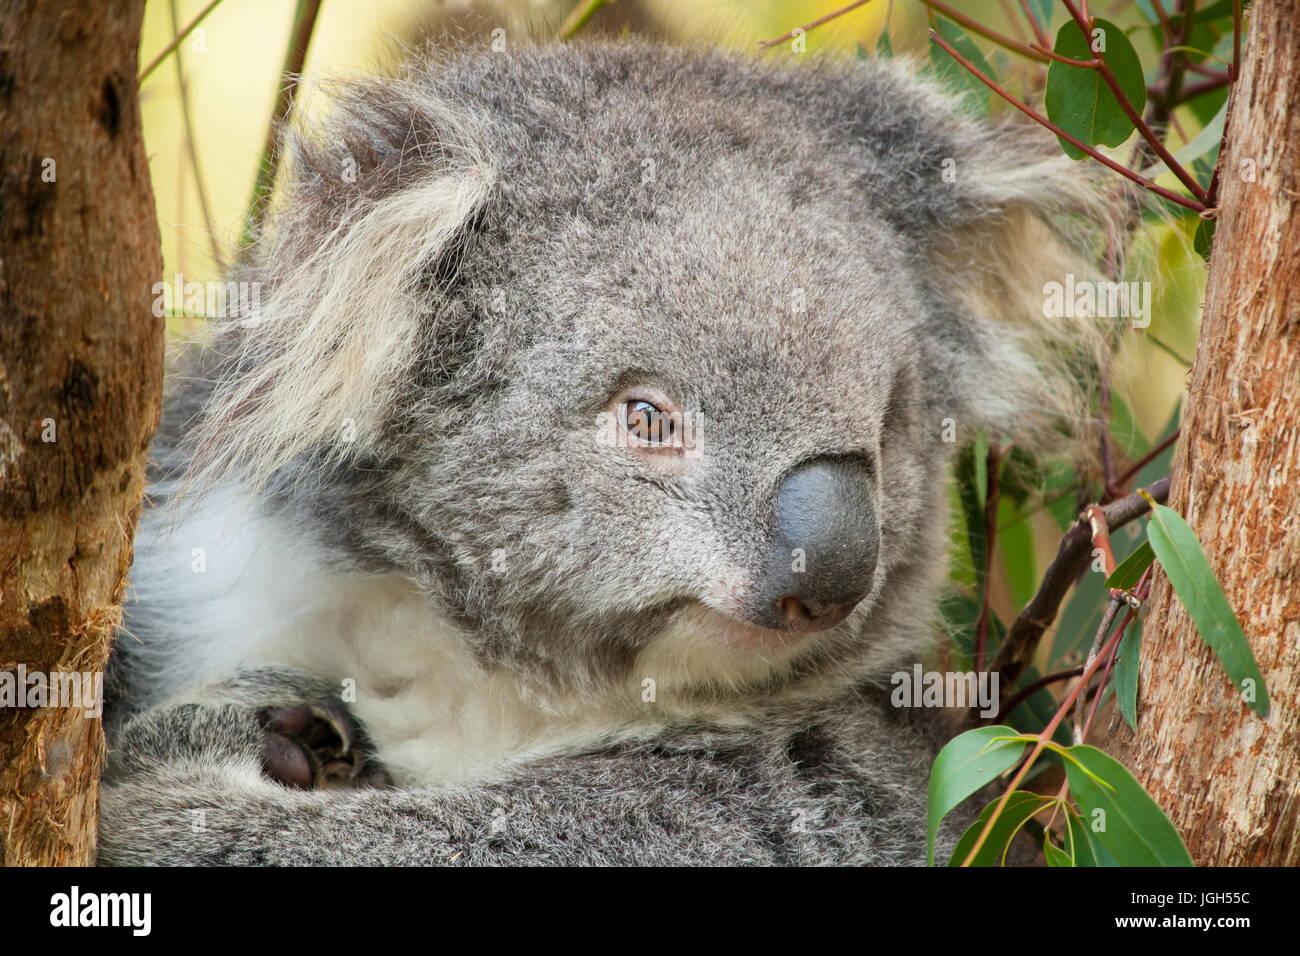 Berühmt Süße Koala Malvorlagen Fotos - Malvorlagen Ideen - blogsbr.info